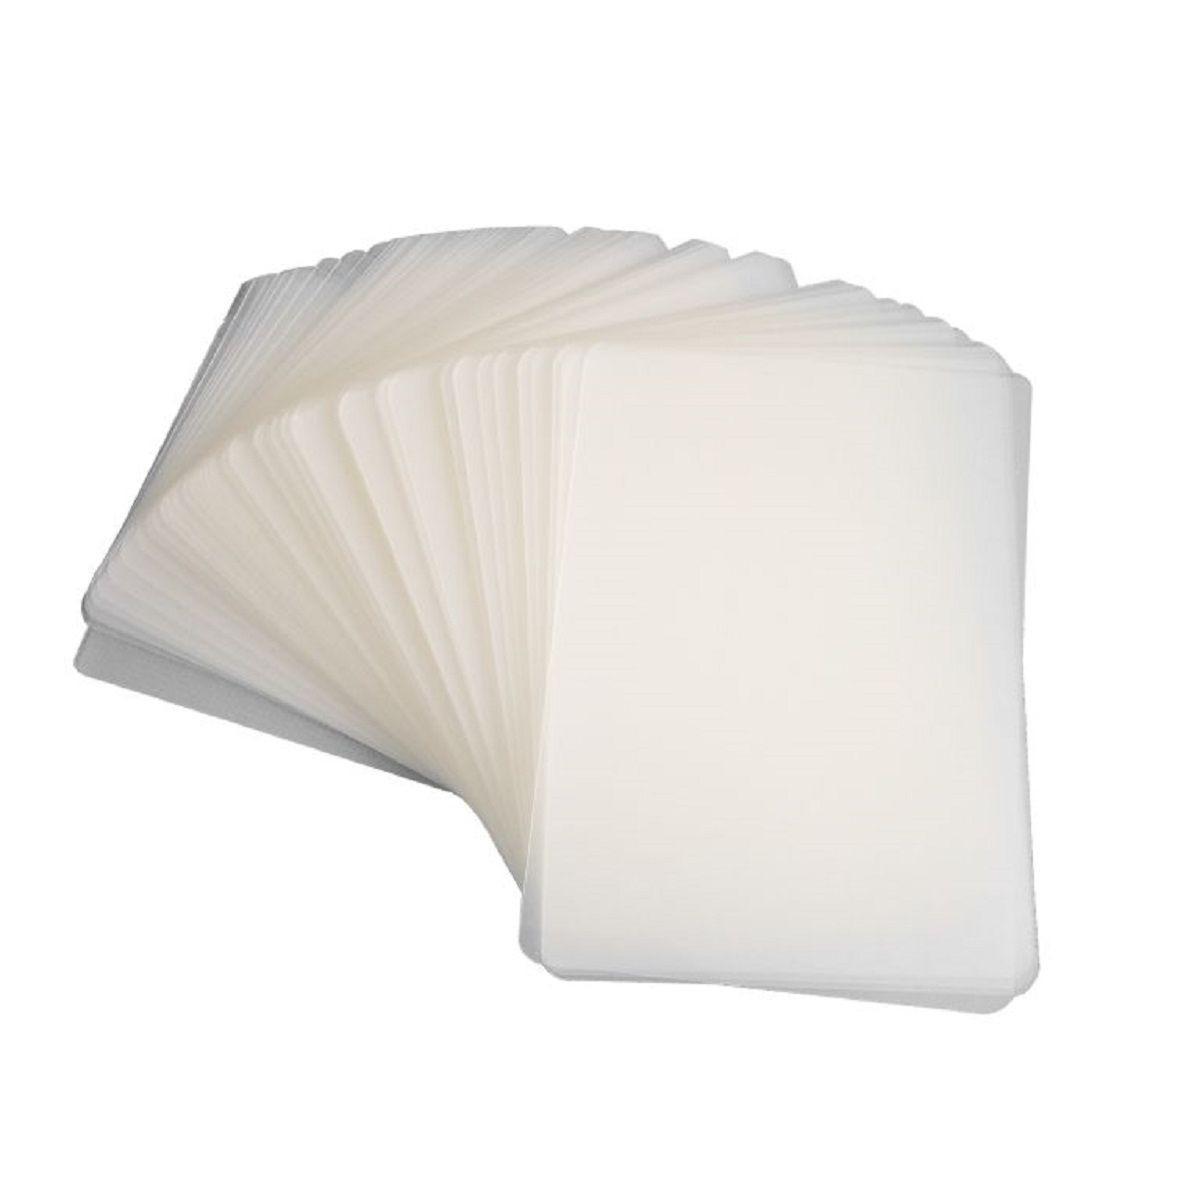 Kit 500 Plasticos Polaseal para Plastificação RG 80x110x0,05mm (125 micras)  - Click Suprimentos